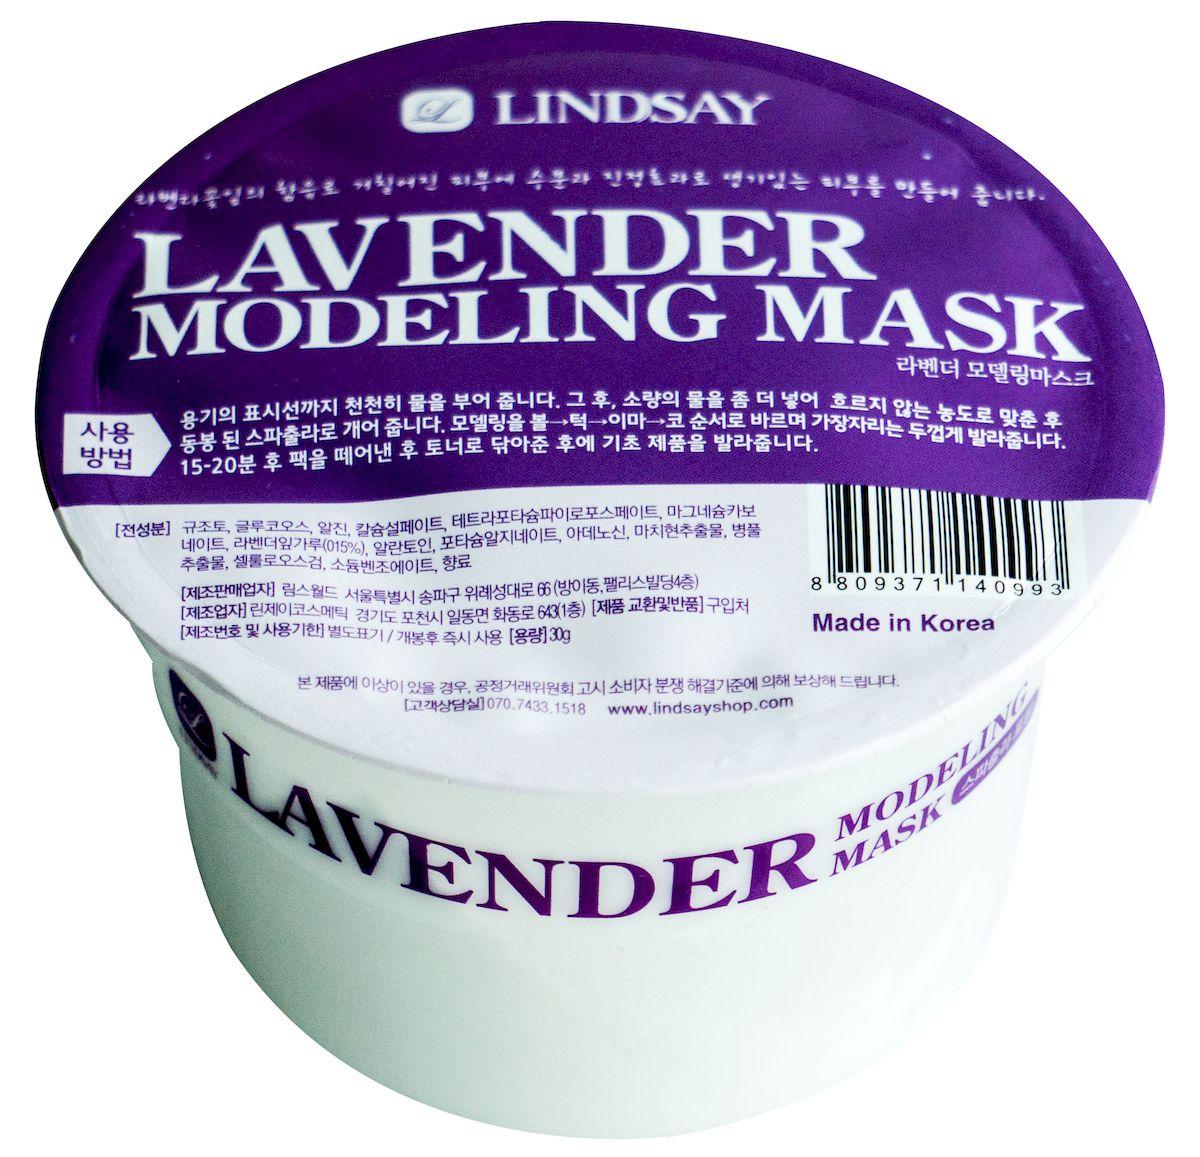 Lindsay Моделирующая альгинатная маска для лица, с экстрактом лаванды, 30 г140993Альгинатные маски – популярное в салонах косметическое средство, основа которого – альгин, способствует более глубокому и эффективному проникновению активных компонентов в слои кожи. Лаванда обладает обширным спектром полезных свойств и подходит для всех типов кожи, включая чувствительную: снимает раздражение и воспаление, успокаивает и питает, увлажняет, выравнивая тон кожи и делая ее заметно более здоровой. Способ применения: 1. Залейте содержимое упаковки водой до установленной метки (линия по периметру упаковки) 2. Размешайте до образования однородной гелеобразной массы 3. Нанесите маску на лицо 3. Оставьте на лице на 15-20 минут 4. Начиная с нижнего края, аккуратно удалите маску с лица. Меры предосторожности: при возникновении раздражения прекратите использование и обратитесь к дерматологу. При попадании продукта в глаза обильно промойте их водой. Храните в защищенном от прямых солнечных лучей месте, недоступном для детей. Состав: Диатомовая земля, глюкоза,...